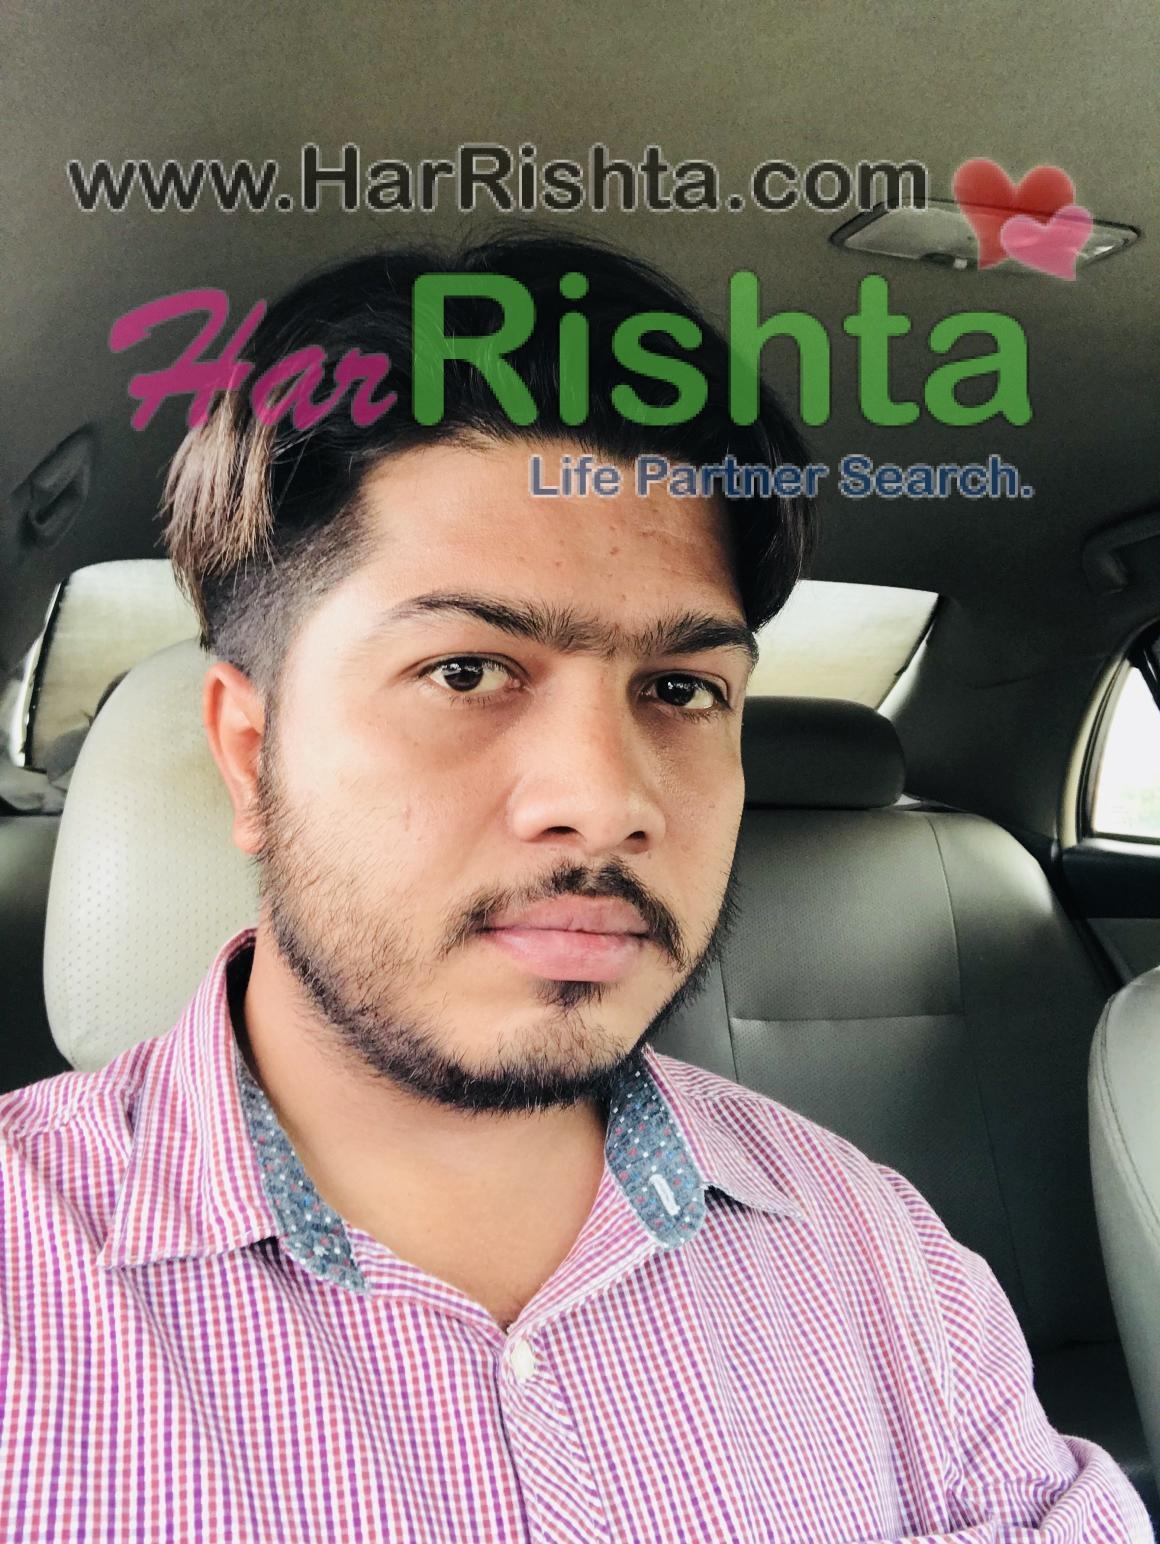 Baloch Boy Rishta in Karachi